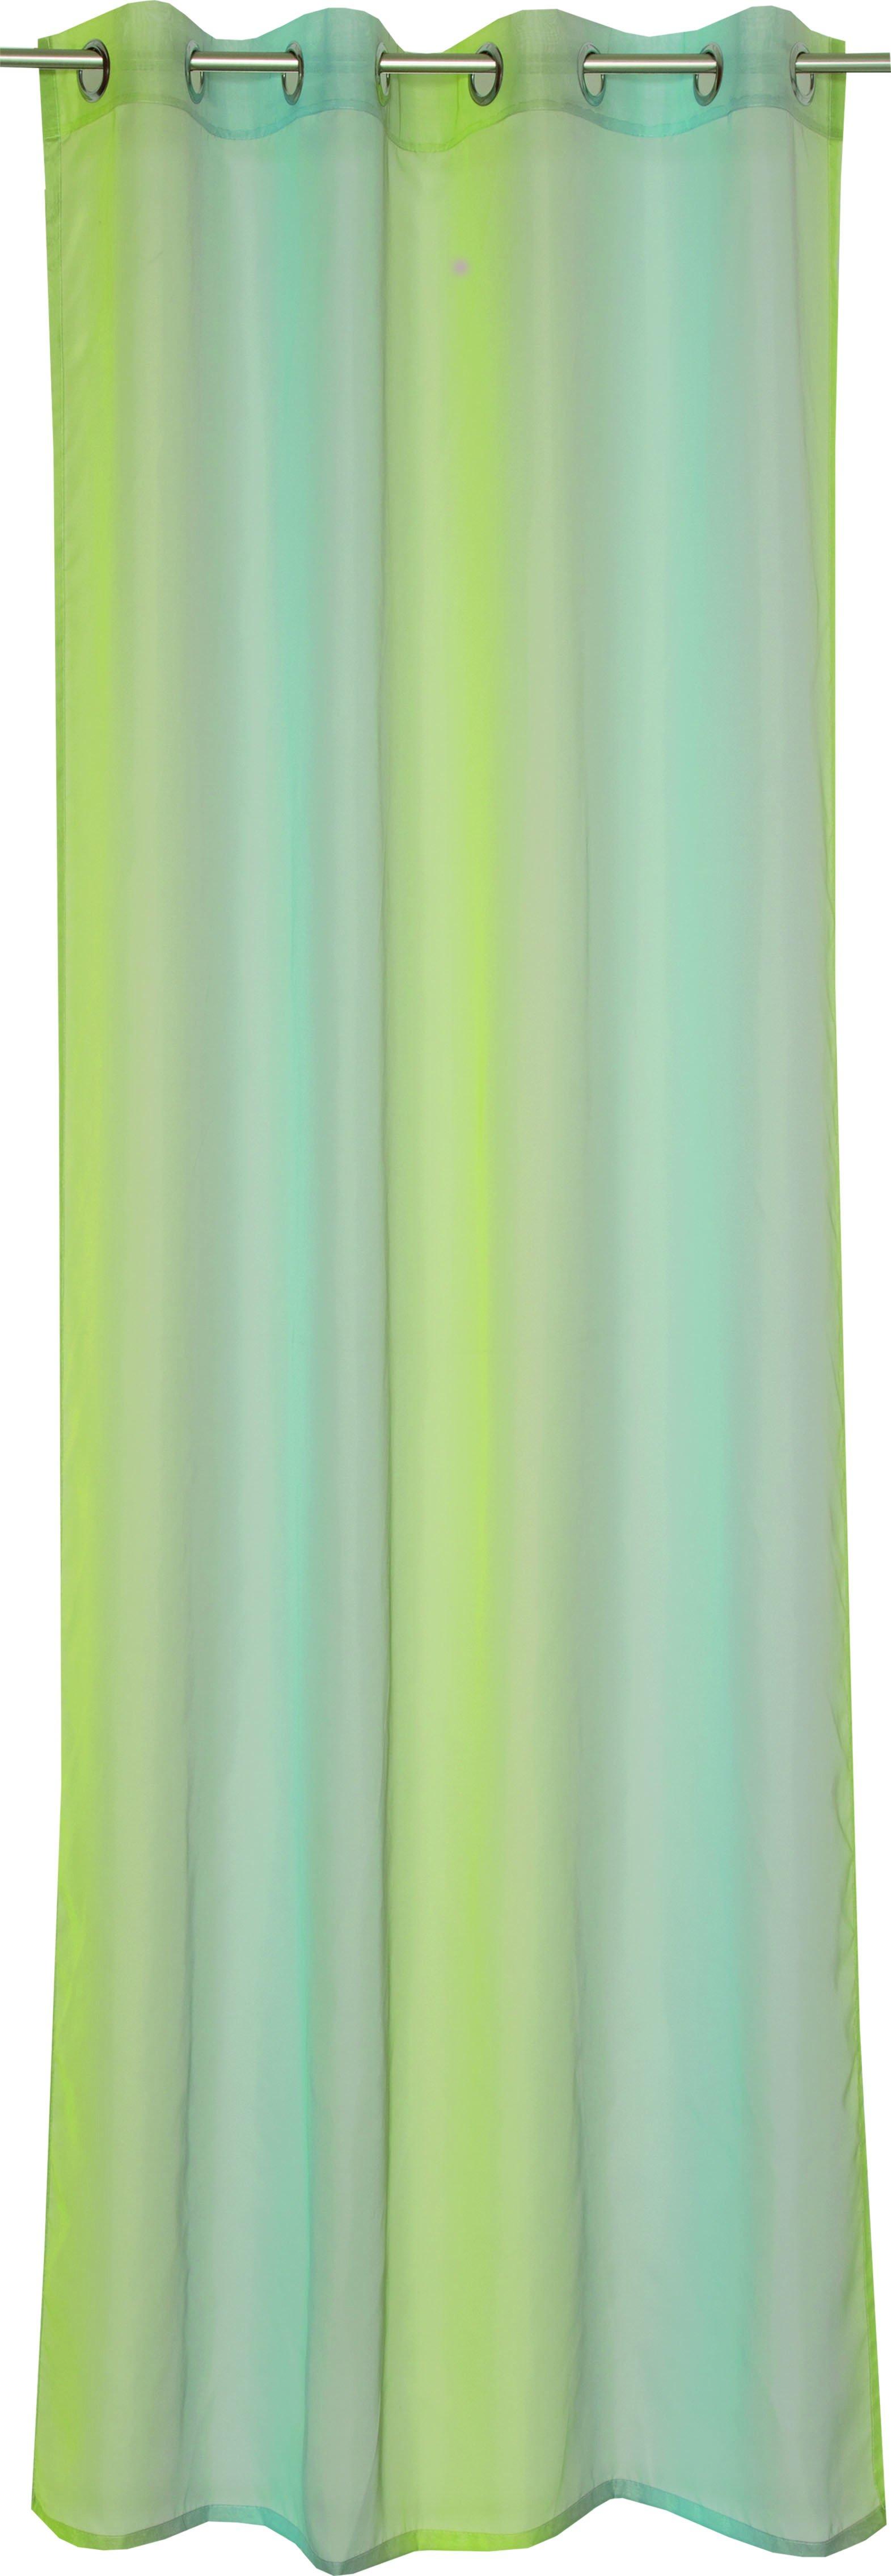 Corso Ösenvorhang 140x250cm,aqua